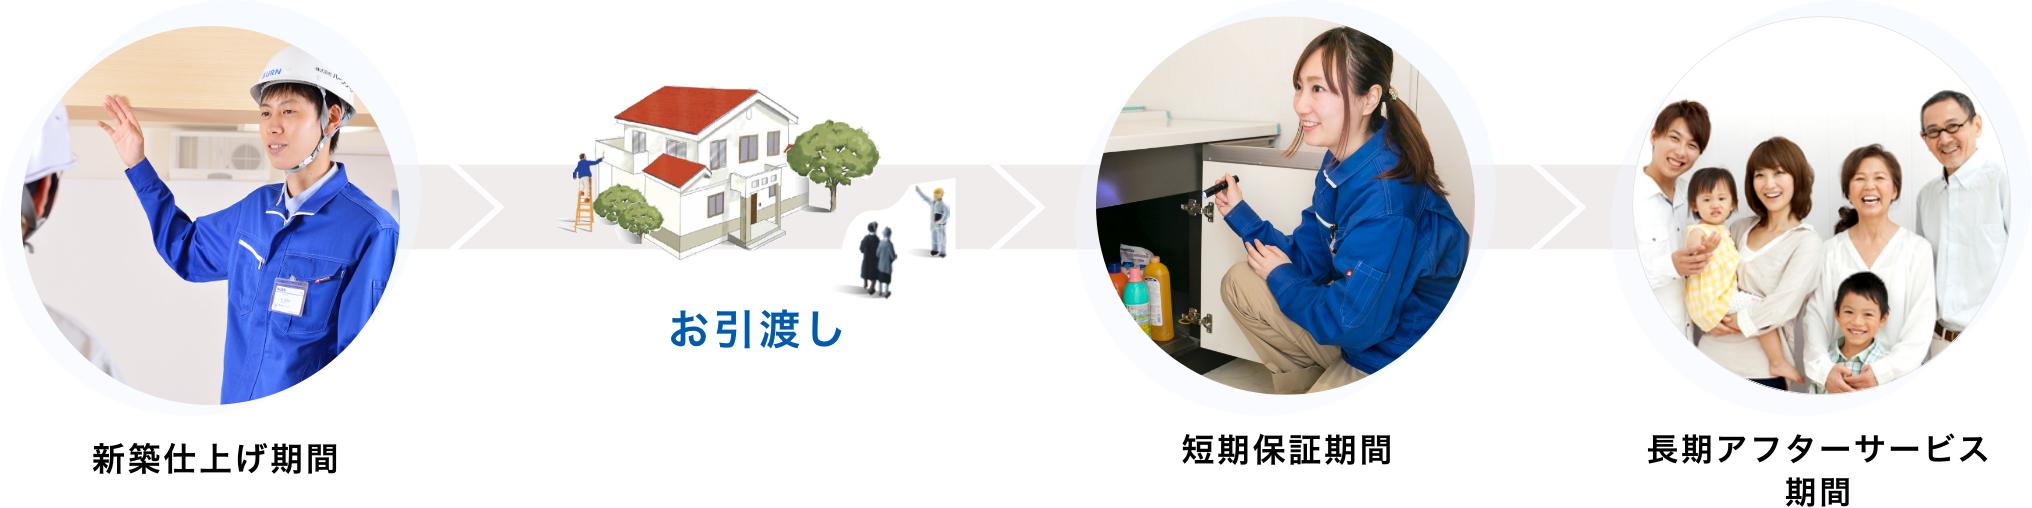 新築仕上げ期間 お引渡し 短期保証期間 長期アフターサービス期間